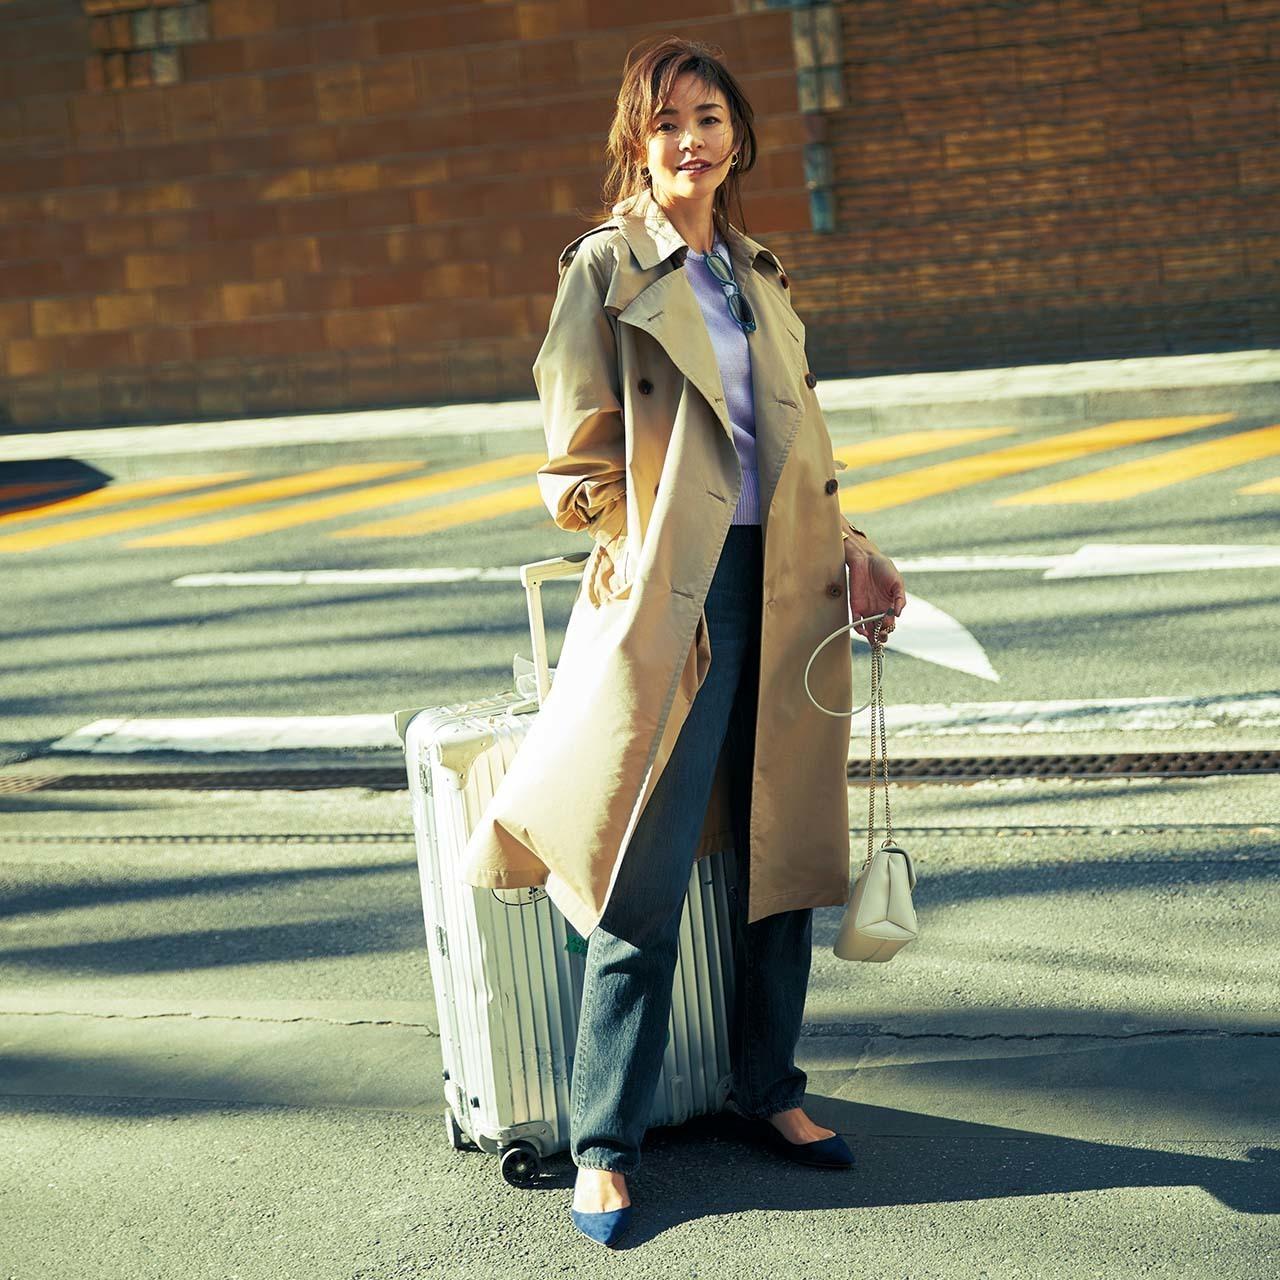 ベージュのトレンチコート×デニムパンツのファッションコーデ